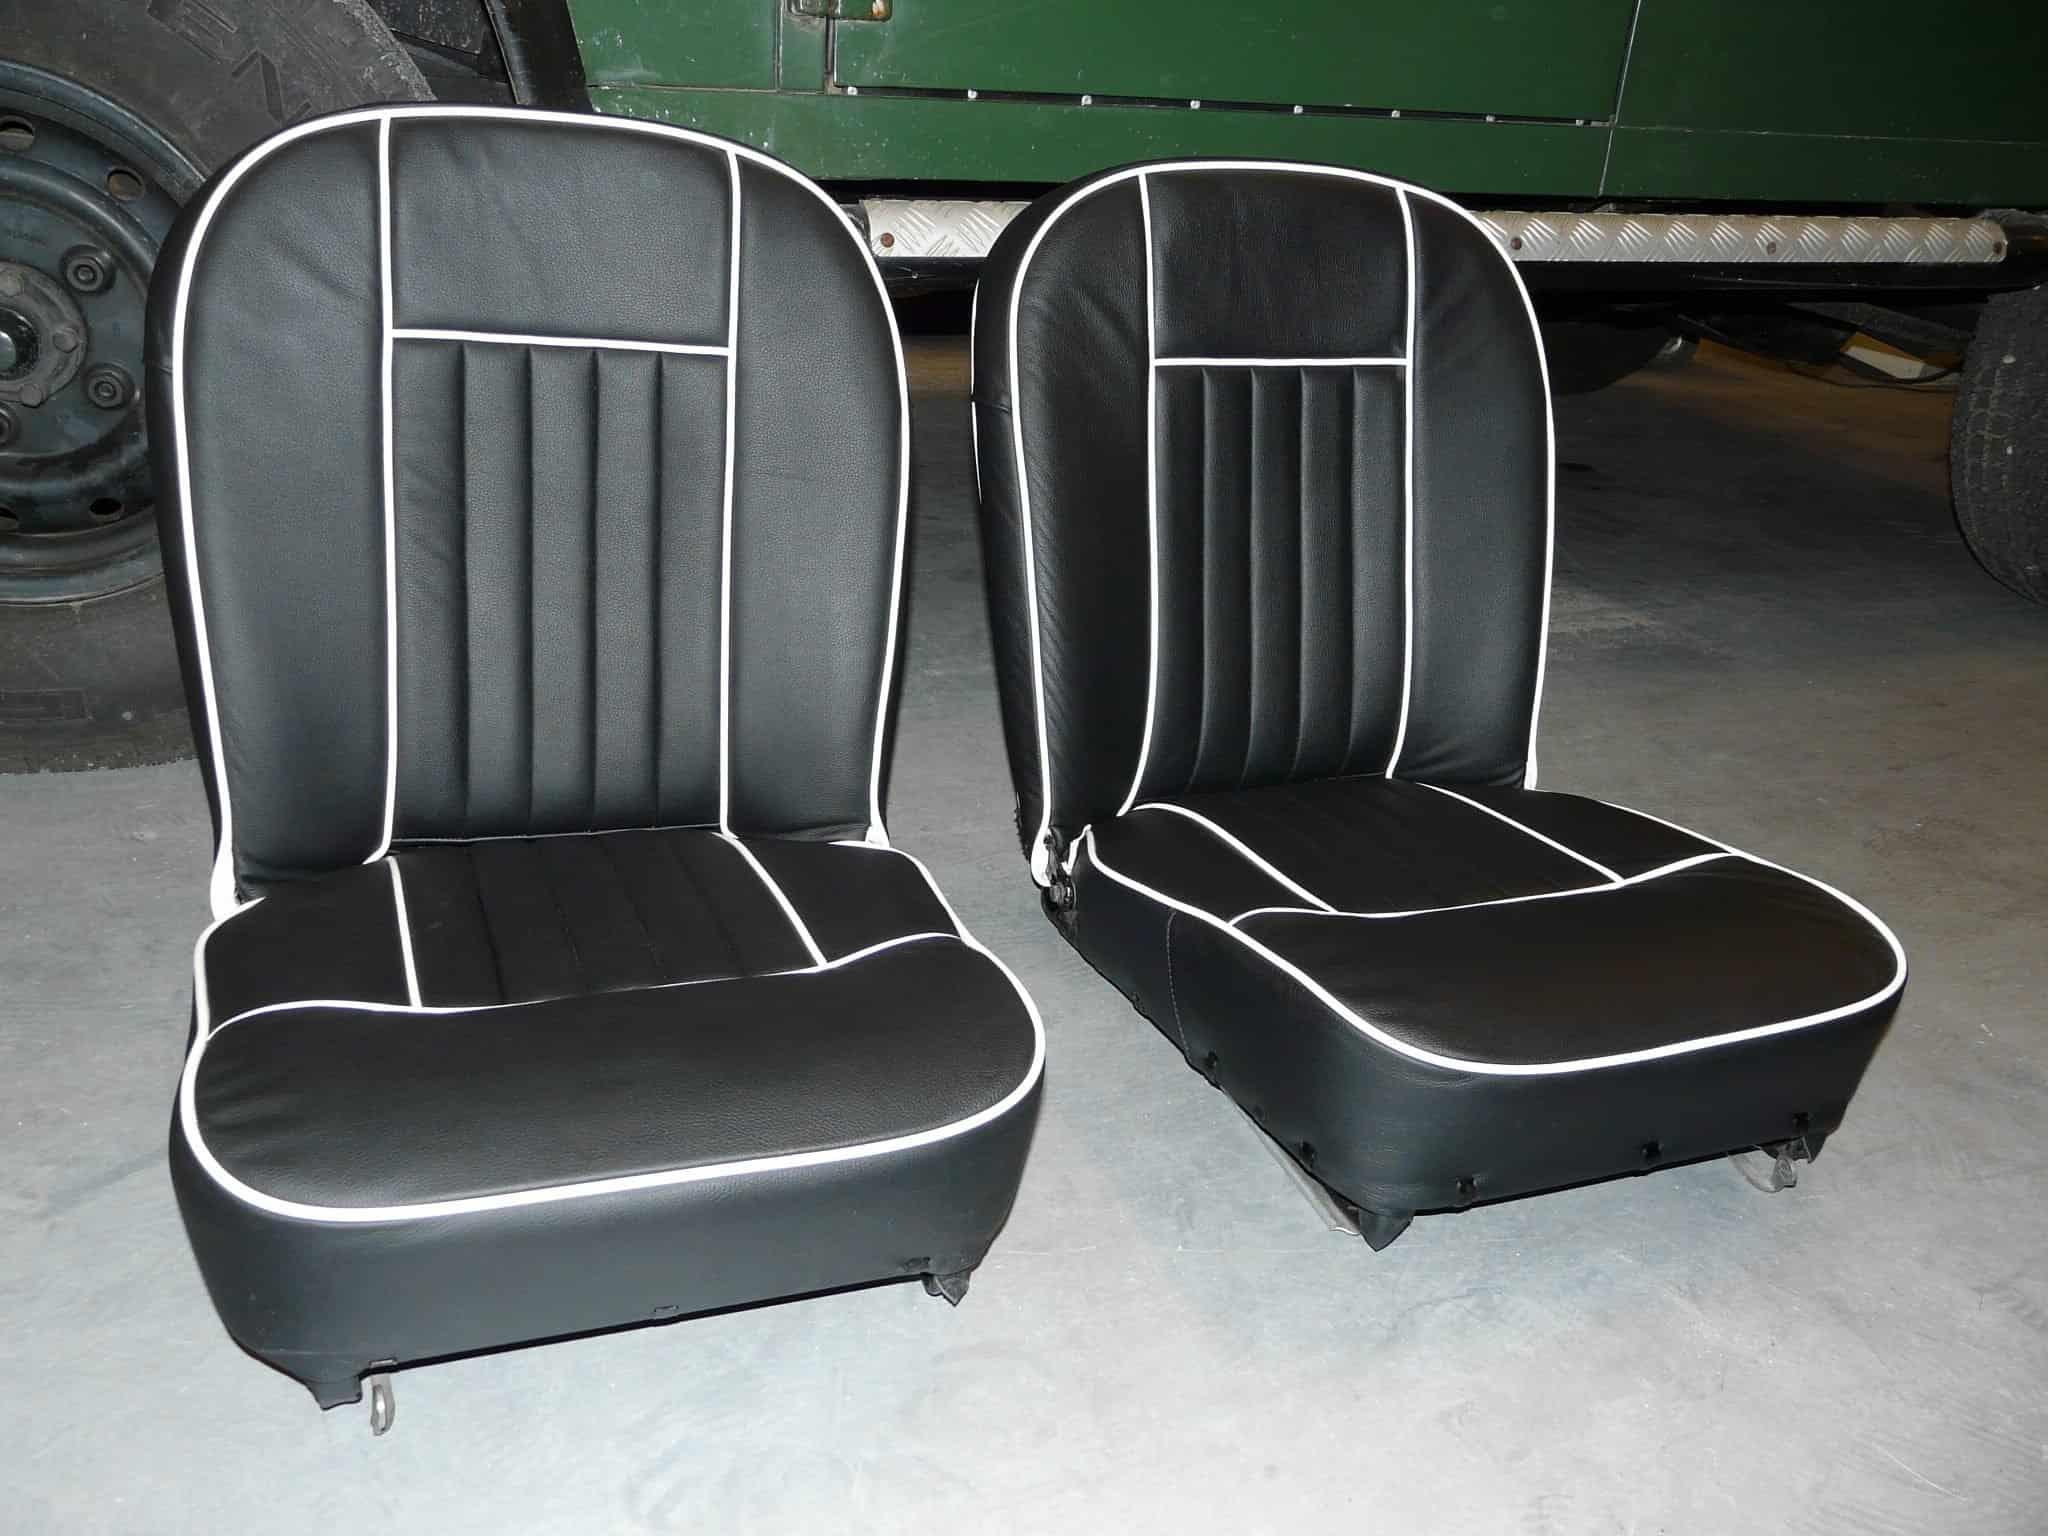 Zwart lederen stoelen met witte bies mg parts benelux for Lederen stoelen